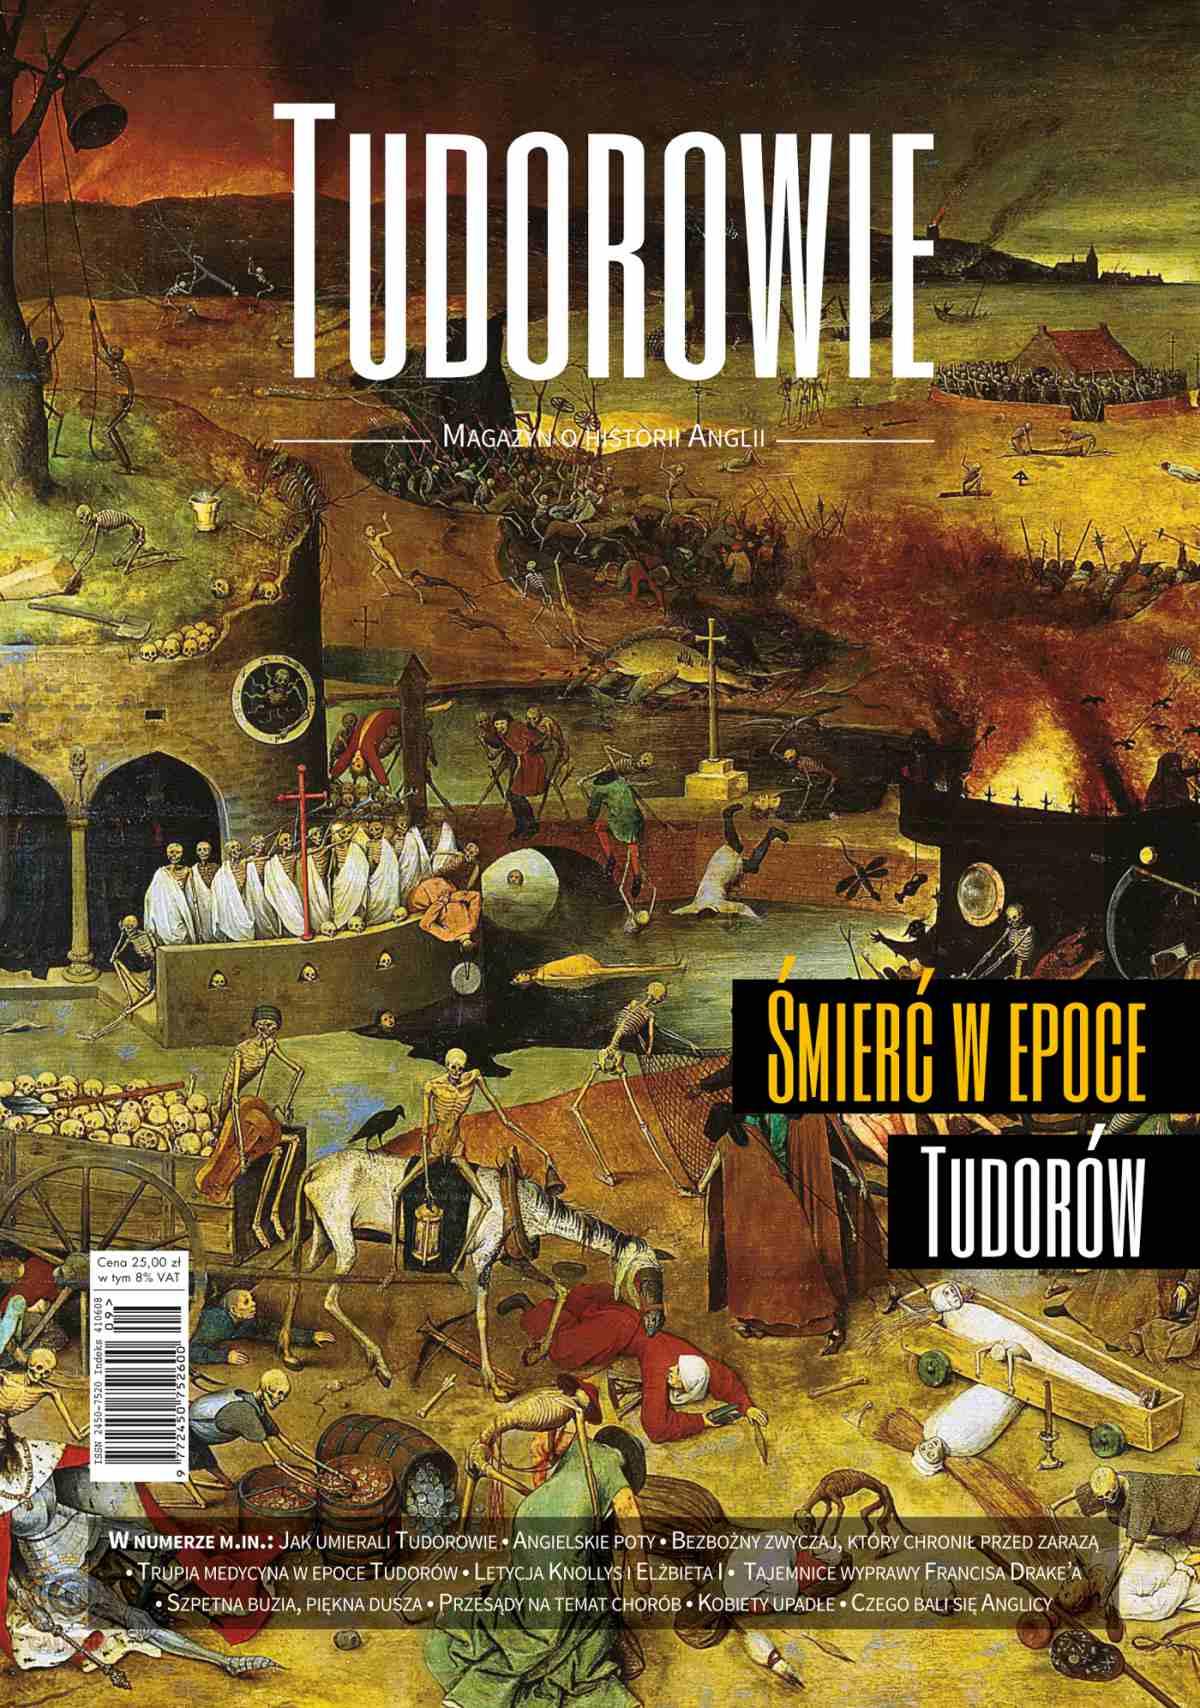 Tudorowie 4/2016 - Ebook (Książka PDF) do pobrania w formacie PDF